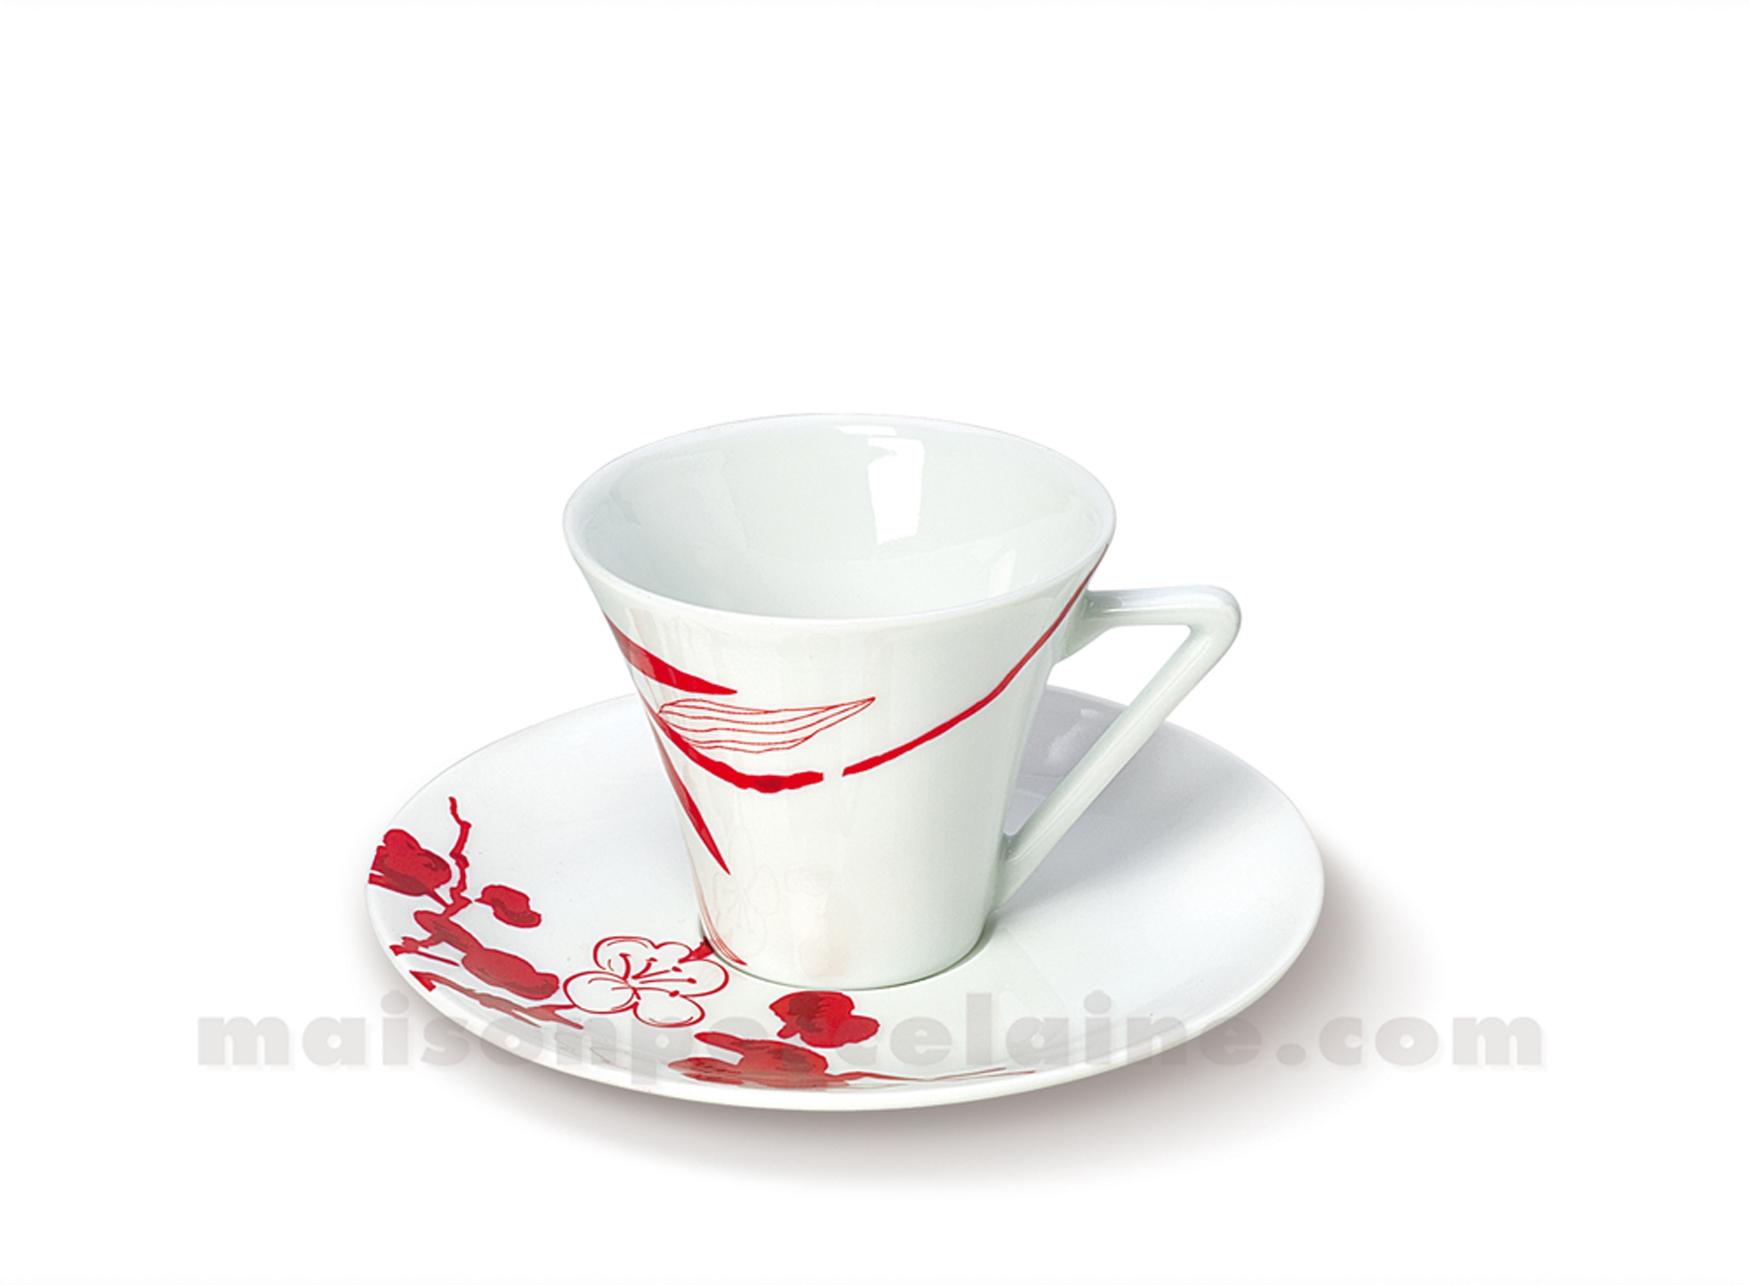 Tasse cafe soucoupe limoges haussmann 10cl maison de la - La maison de porcelaine ...